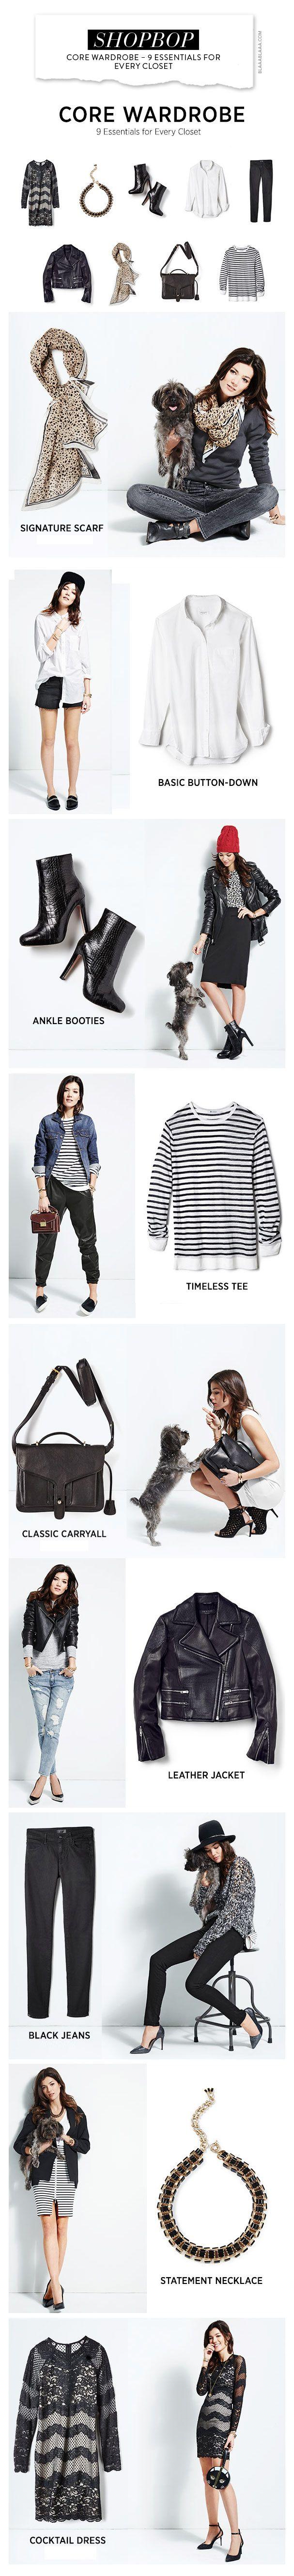 Shopbop Core Wardrobe – 9 Essentials for Every Closet